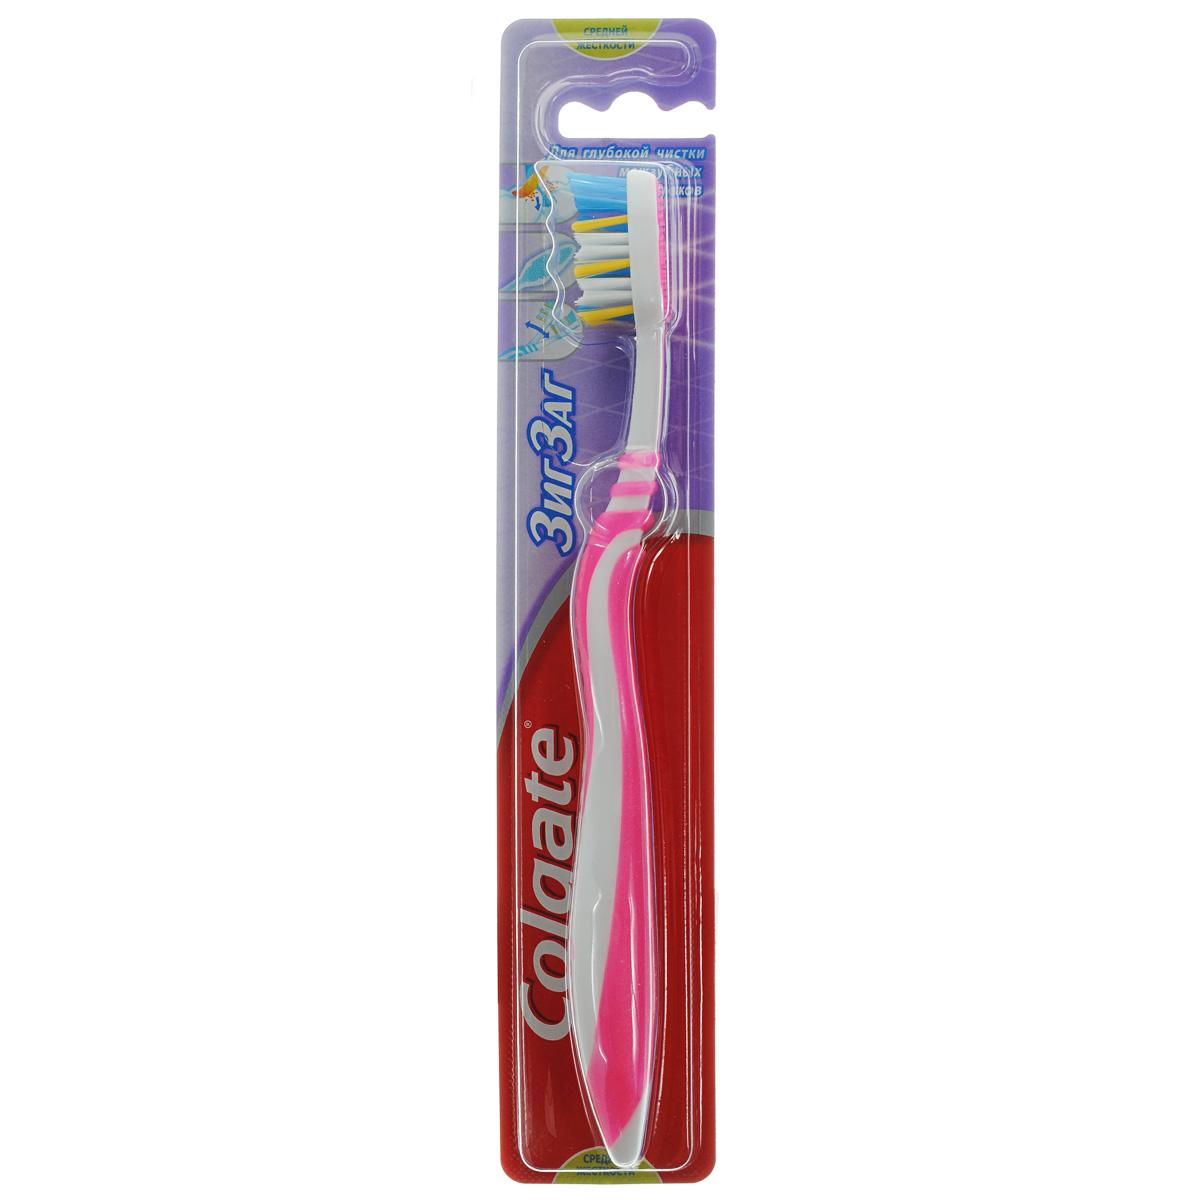 Colgate Зубная щетка Зиг-Заг, средней жесткостиFVN50537Colgate Зиг-Заг - зубная щетка средней жесткости. Перекрещивающиеся щетинки позволяют проникать щетке в межзубные пространства, а также легко массируют десна. Мягкая подушечка для чистки языка, помогает удалять бактерии, вызывающие неприятный запах изо рта. Гибкая прорезиненная рифленая ручка не скользит в ладони, амортизирует давление руки на нежную поверхность десен. Товар сертифицирован.